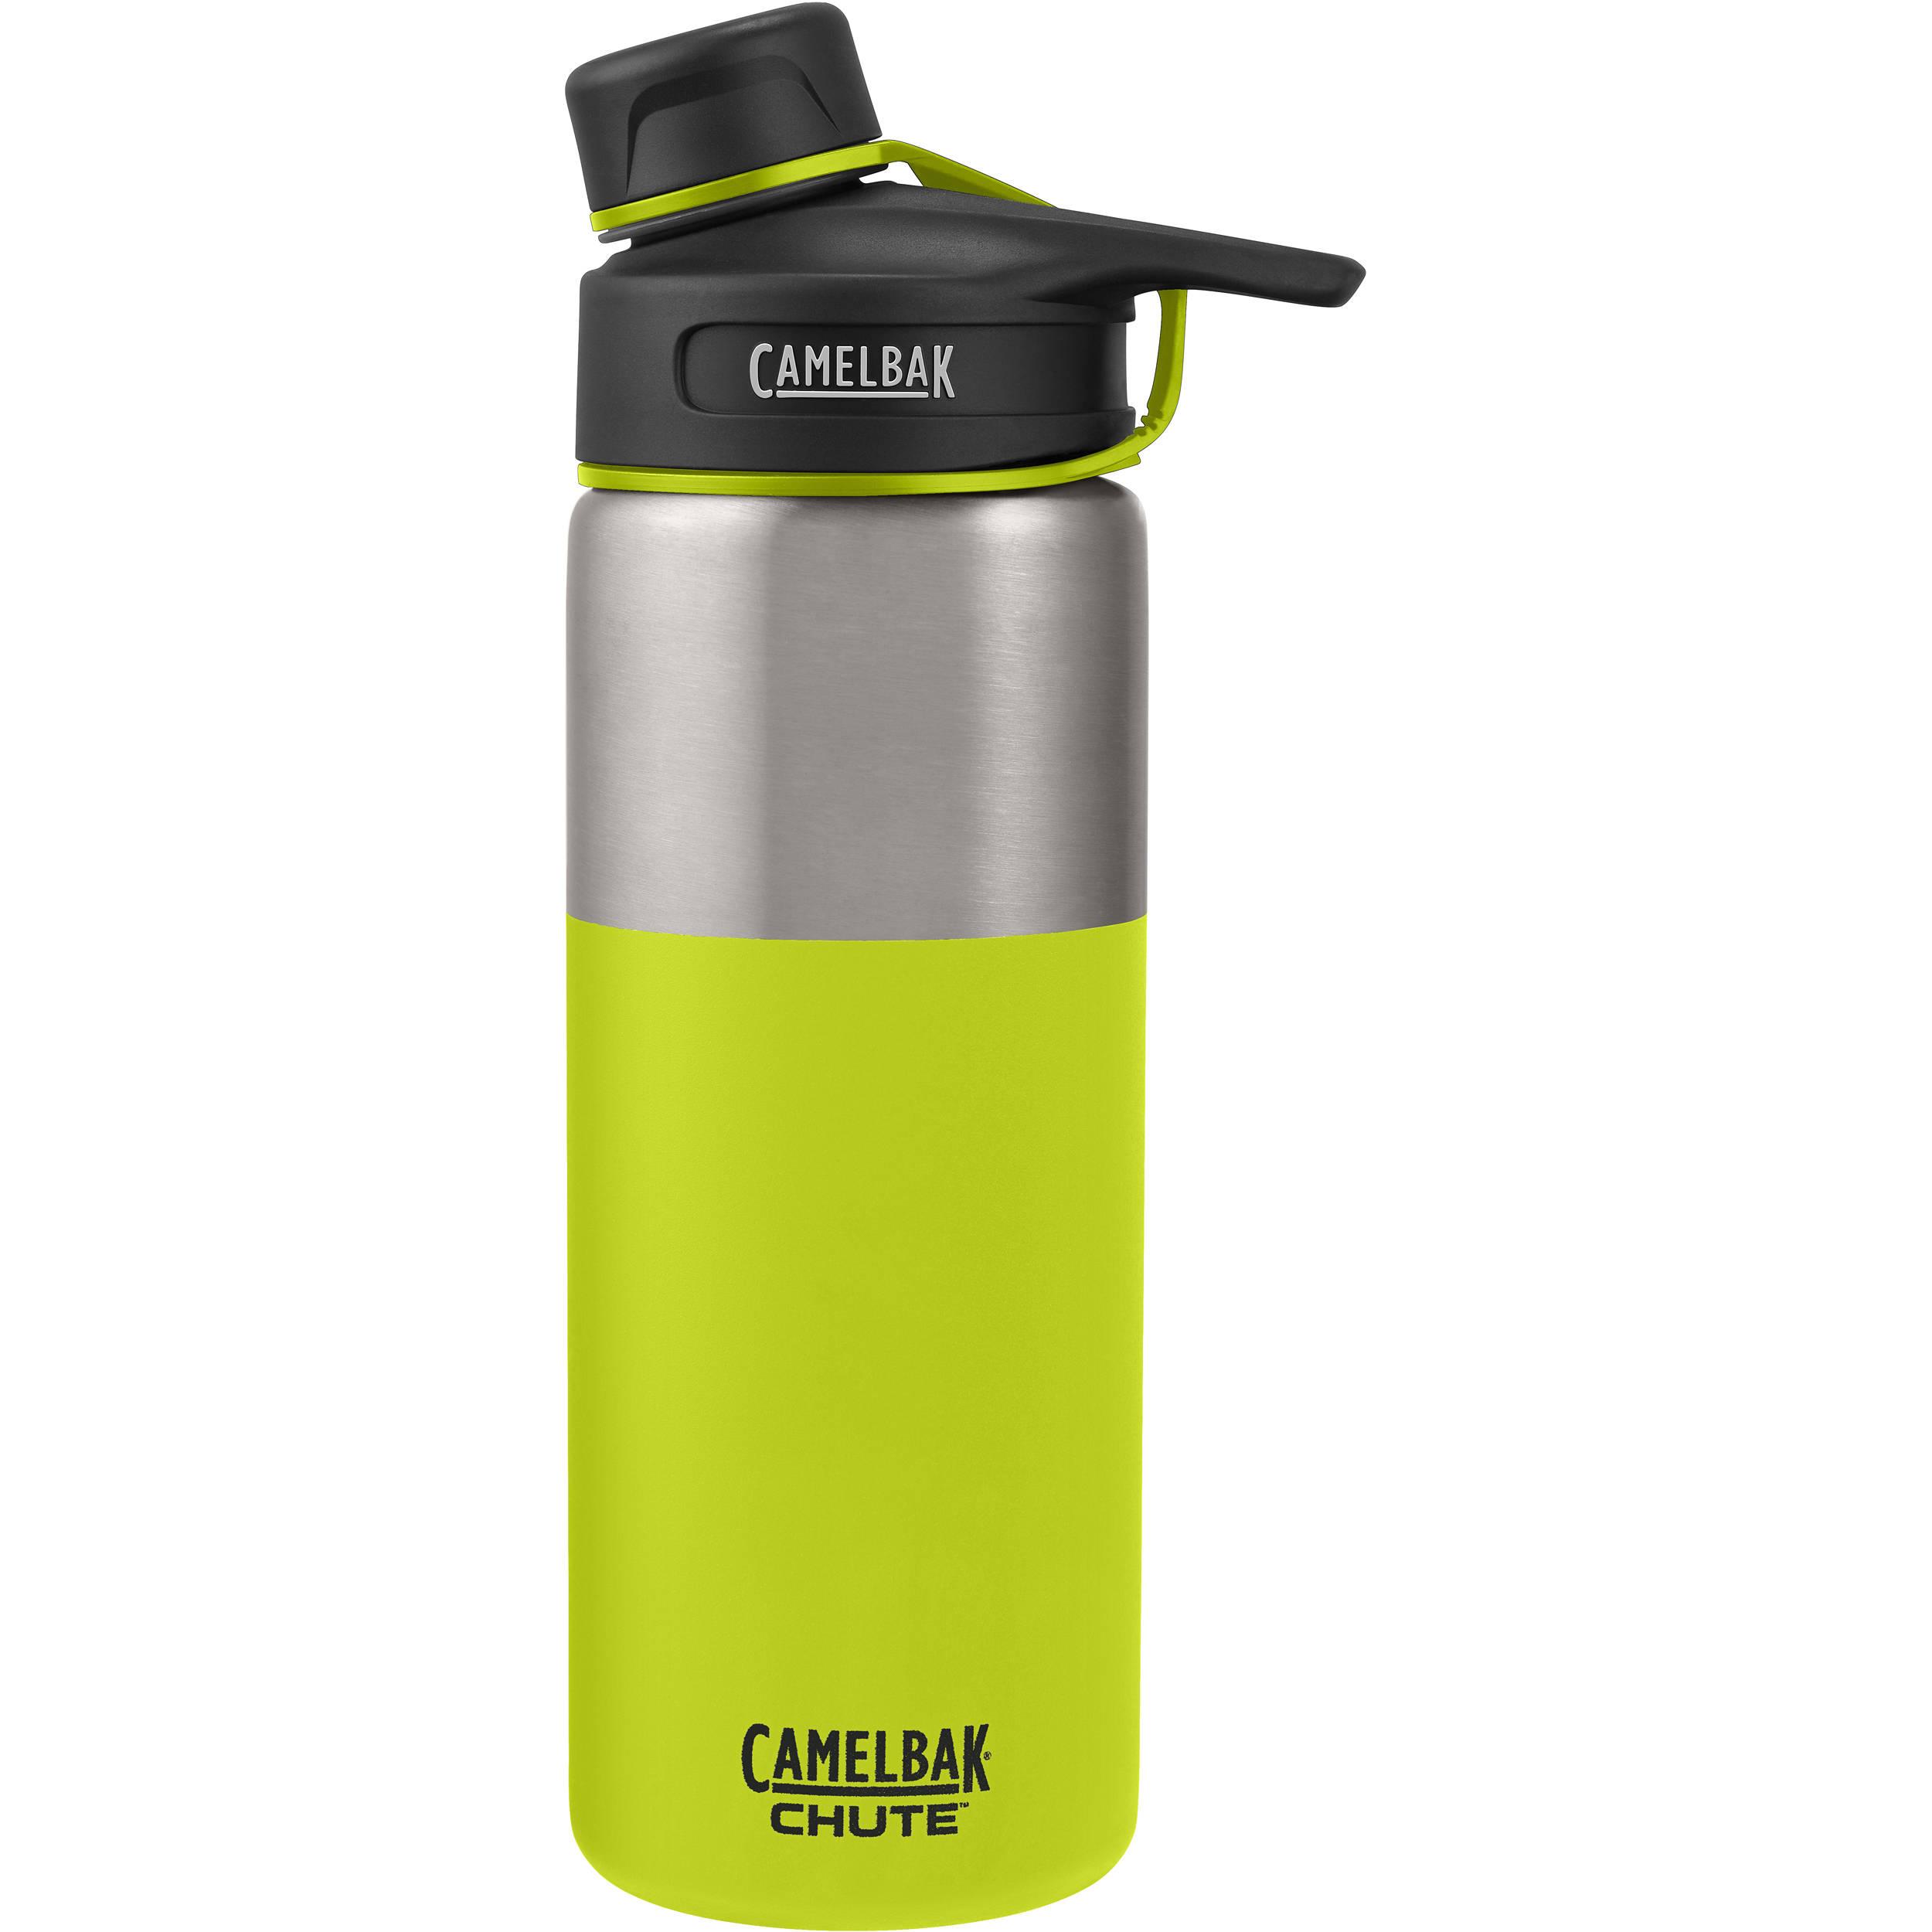 CAMELBAK Chute Vacuum Insulated Stainless Water 1287301060 B&H